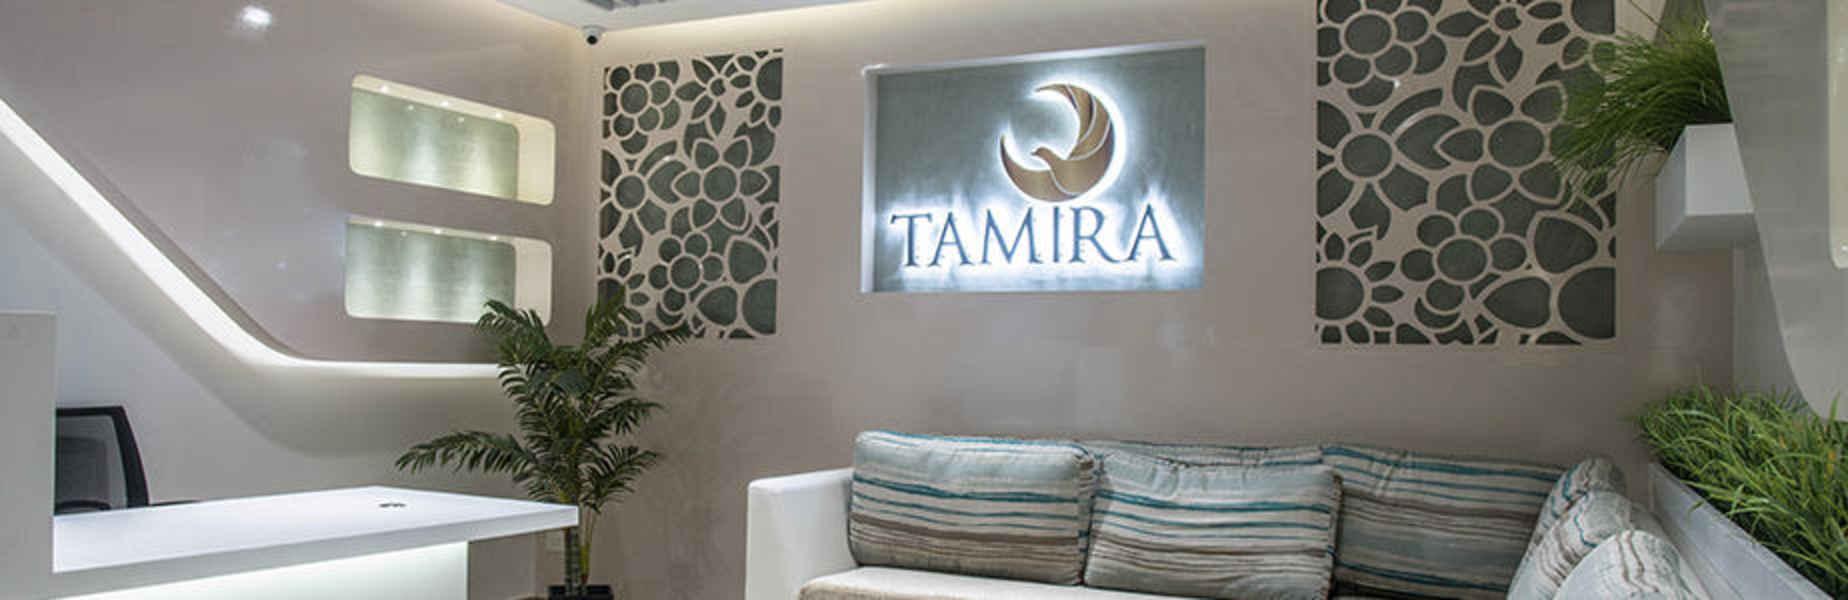 Tamira Aesthetics